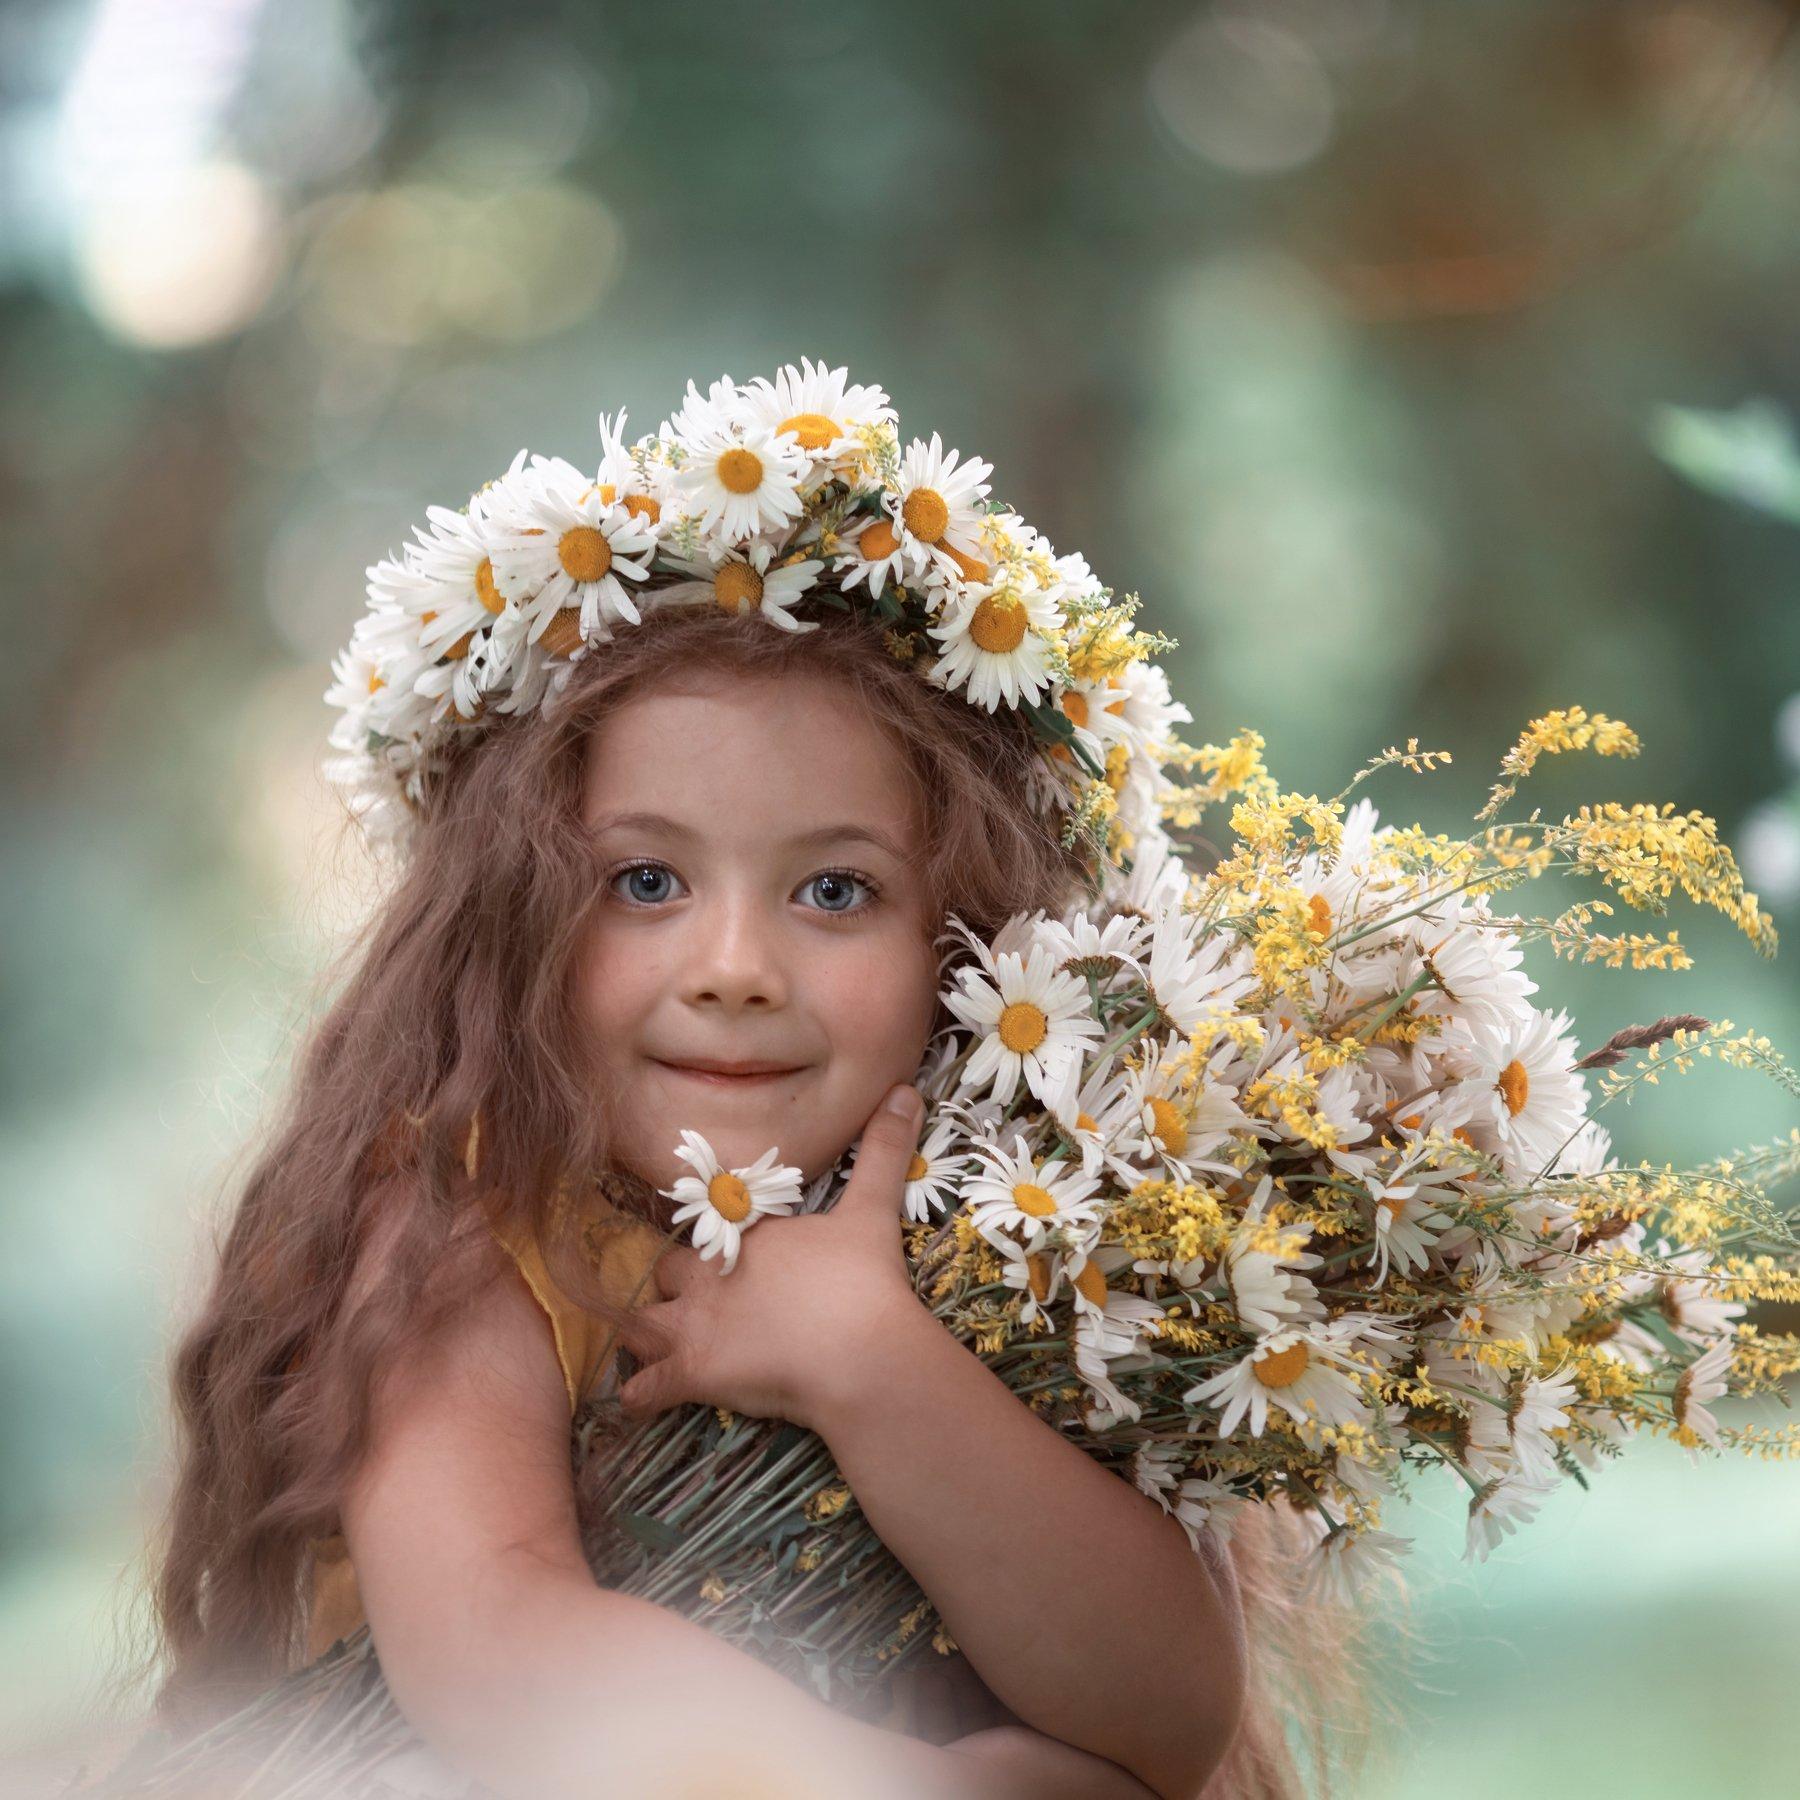 ромашки лето букет венок девочка счастье, Екатерина Годова